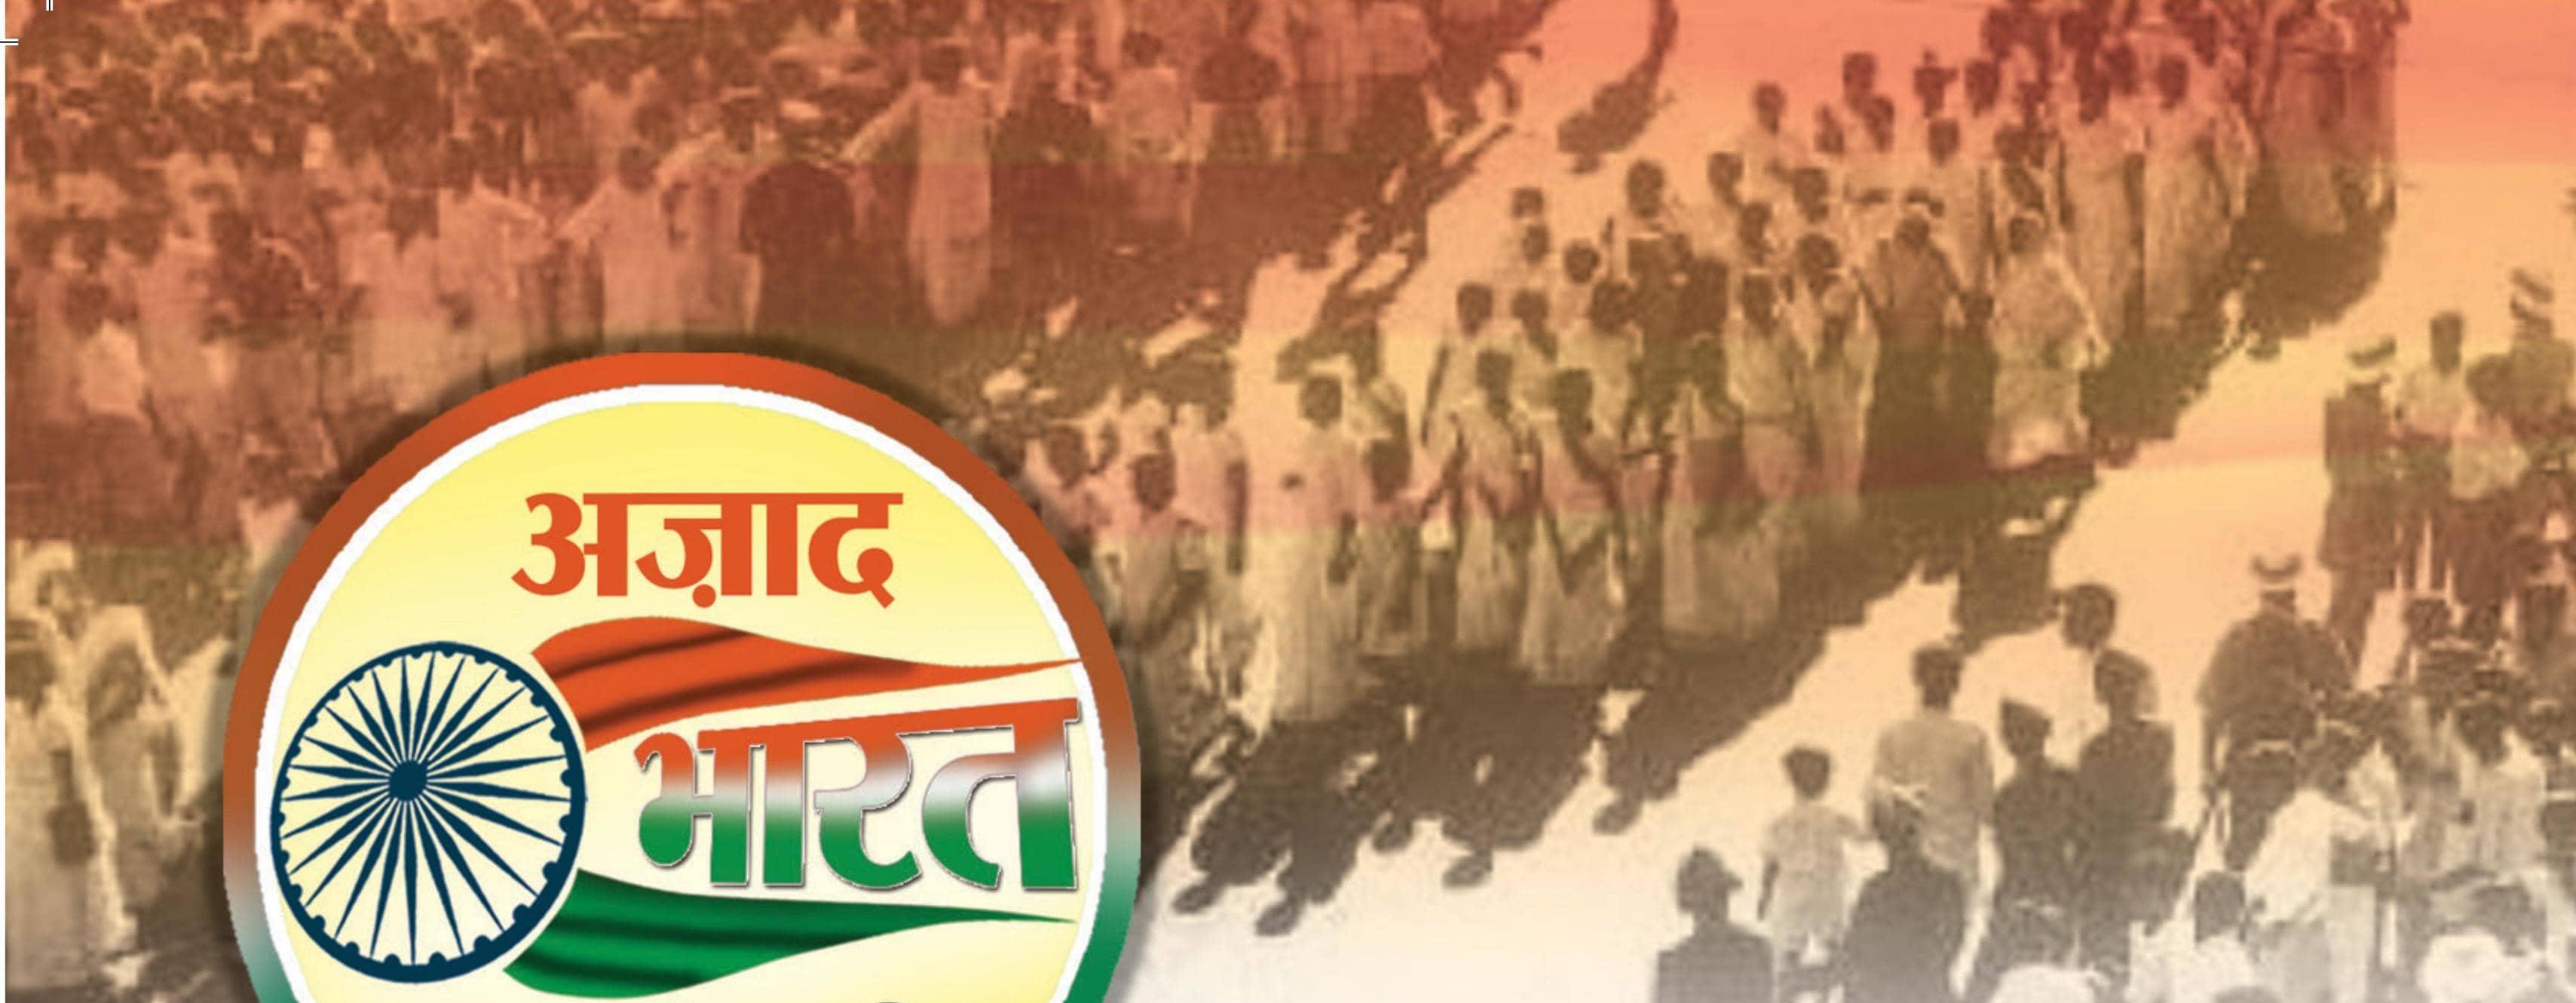 असम आंदोलन की देन हैं एनआरसी